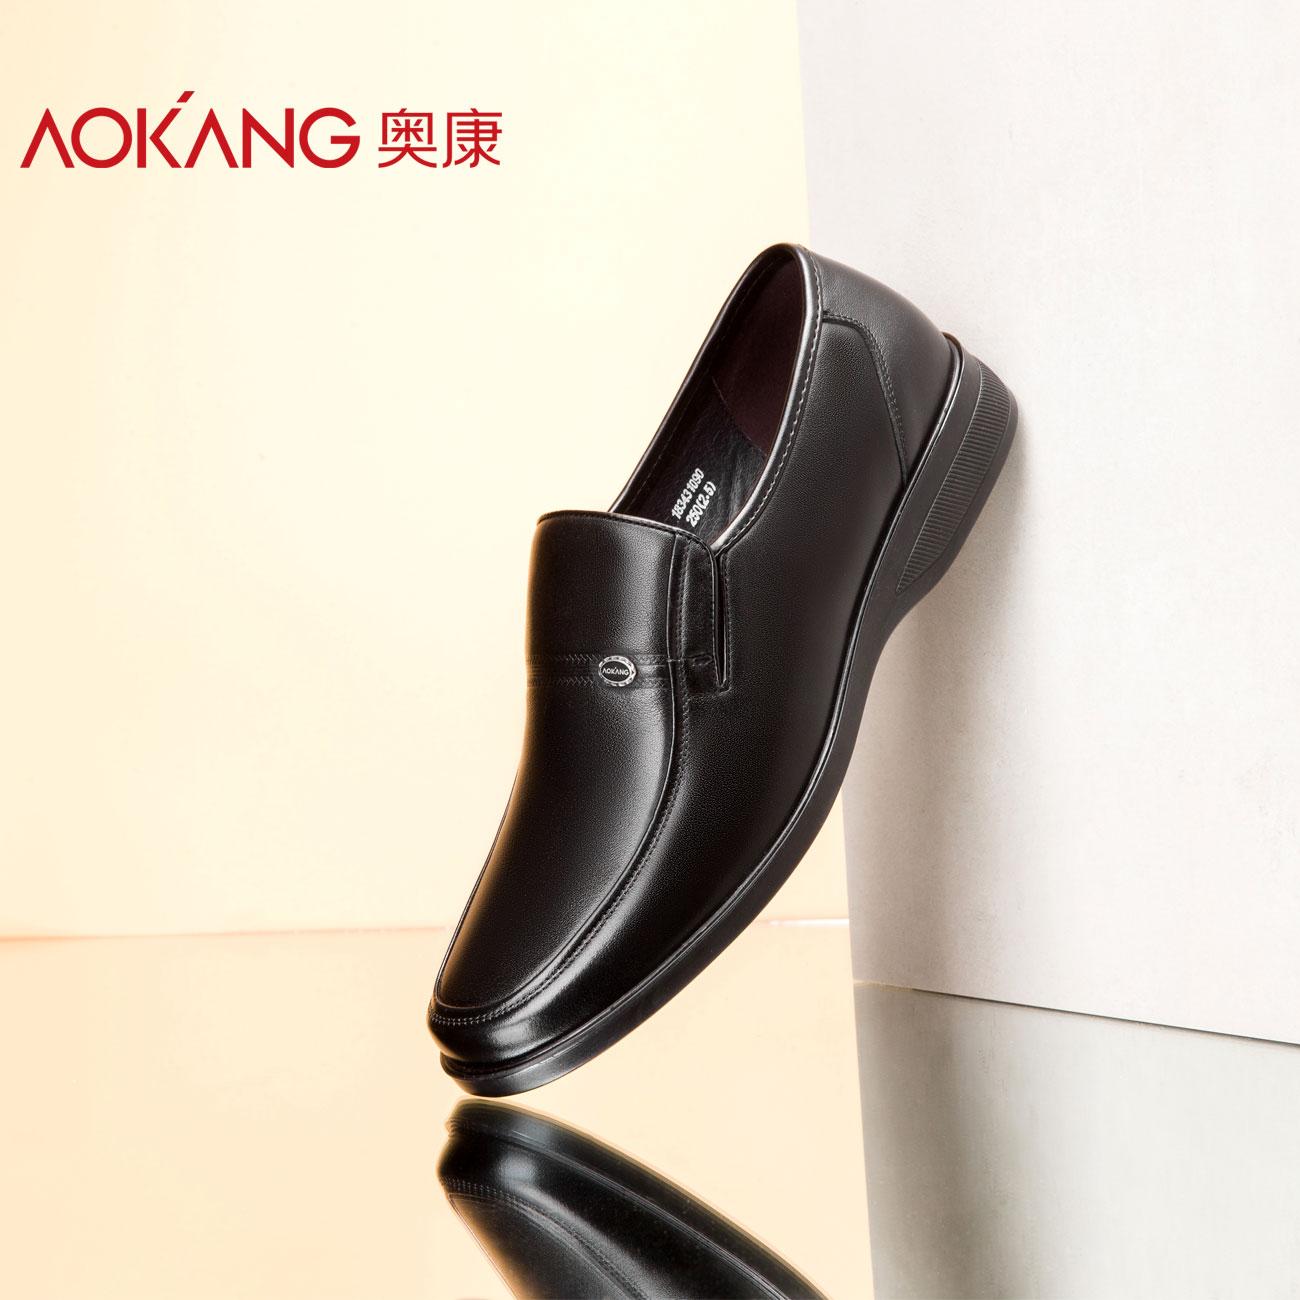 奥康 一脚套 男式皮鞋 天猫优惠券折后¥149包邮(¥169-20)2款可选